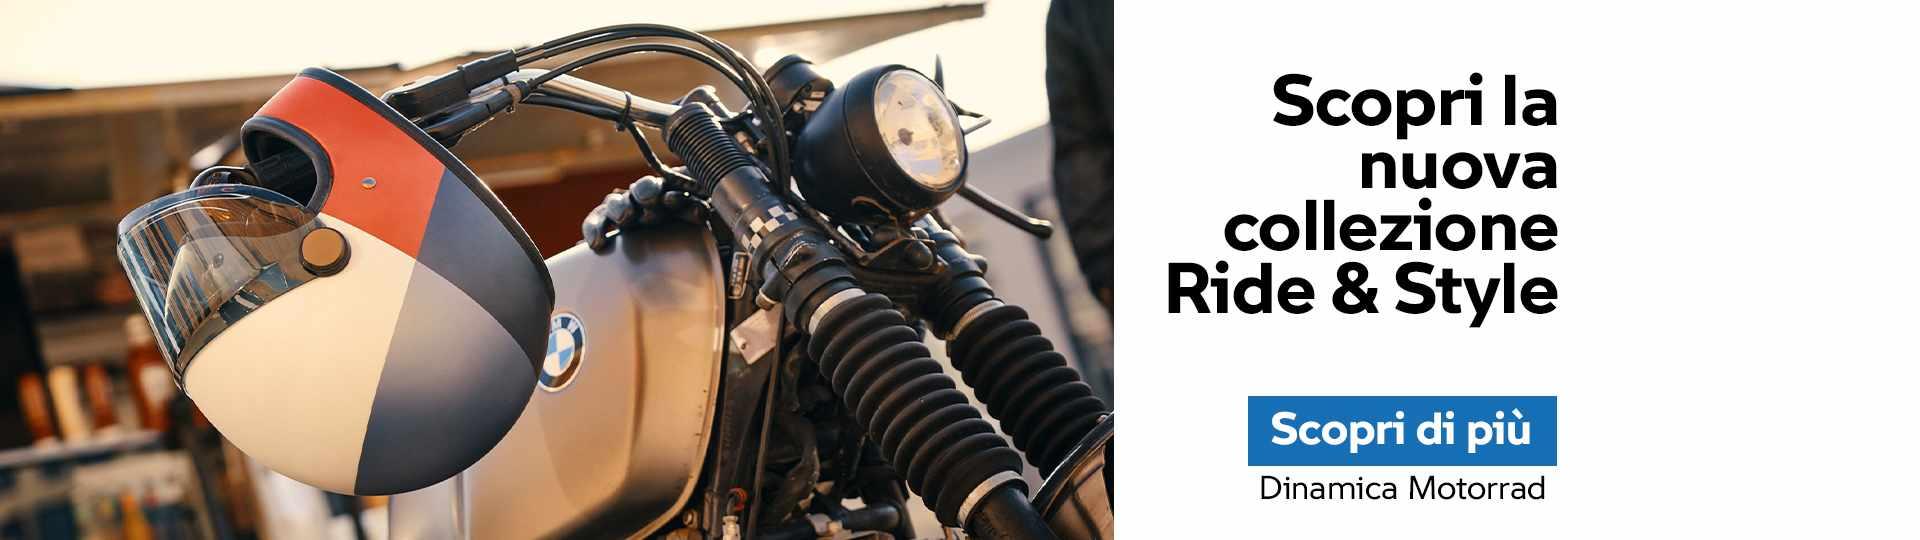 header_abbigliamento_motorrad_giugno 2021.jpg